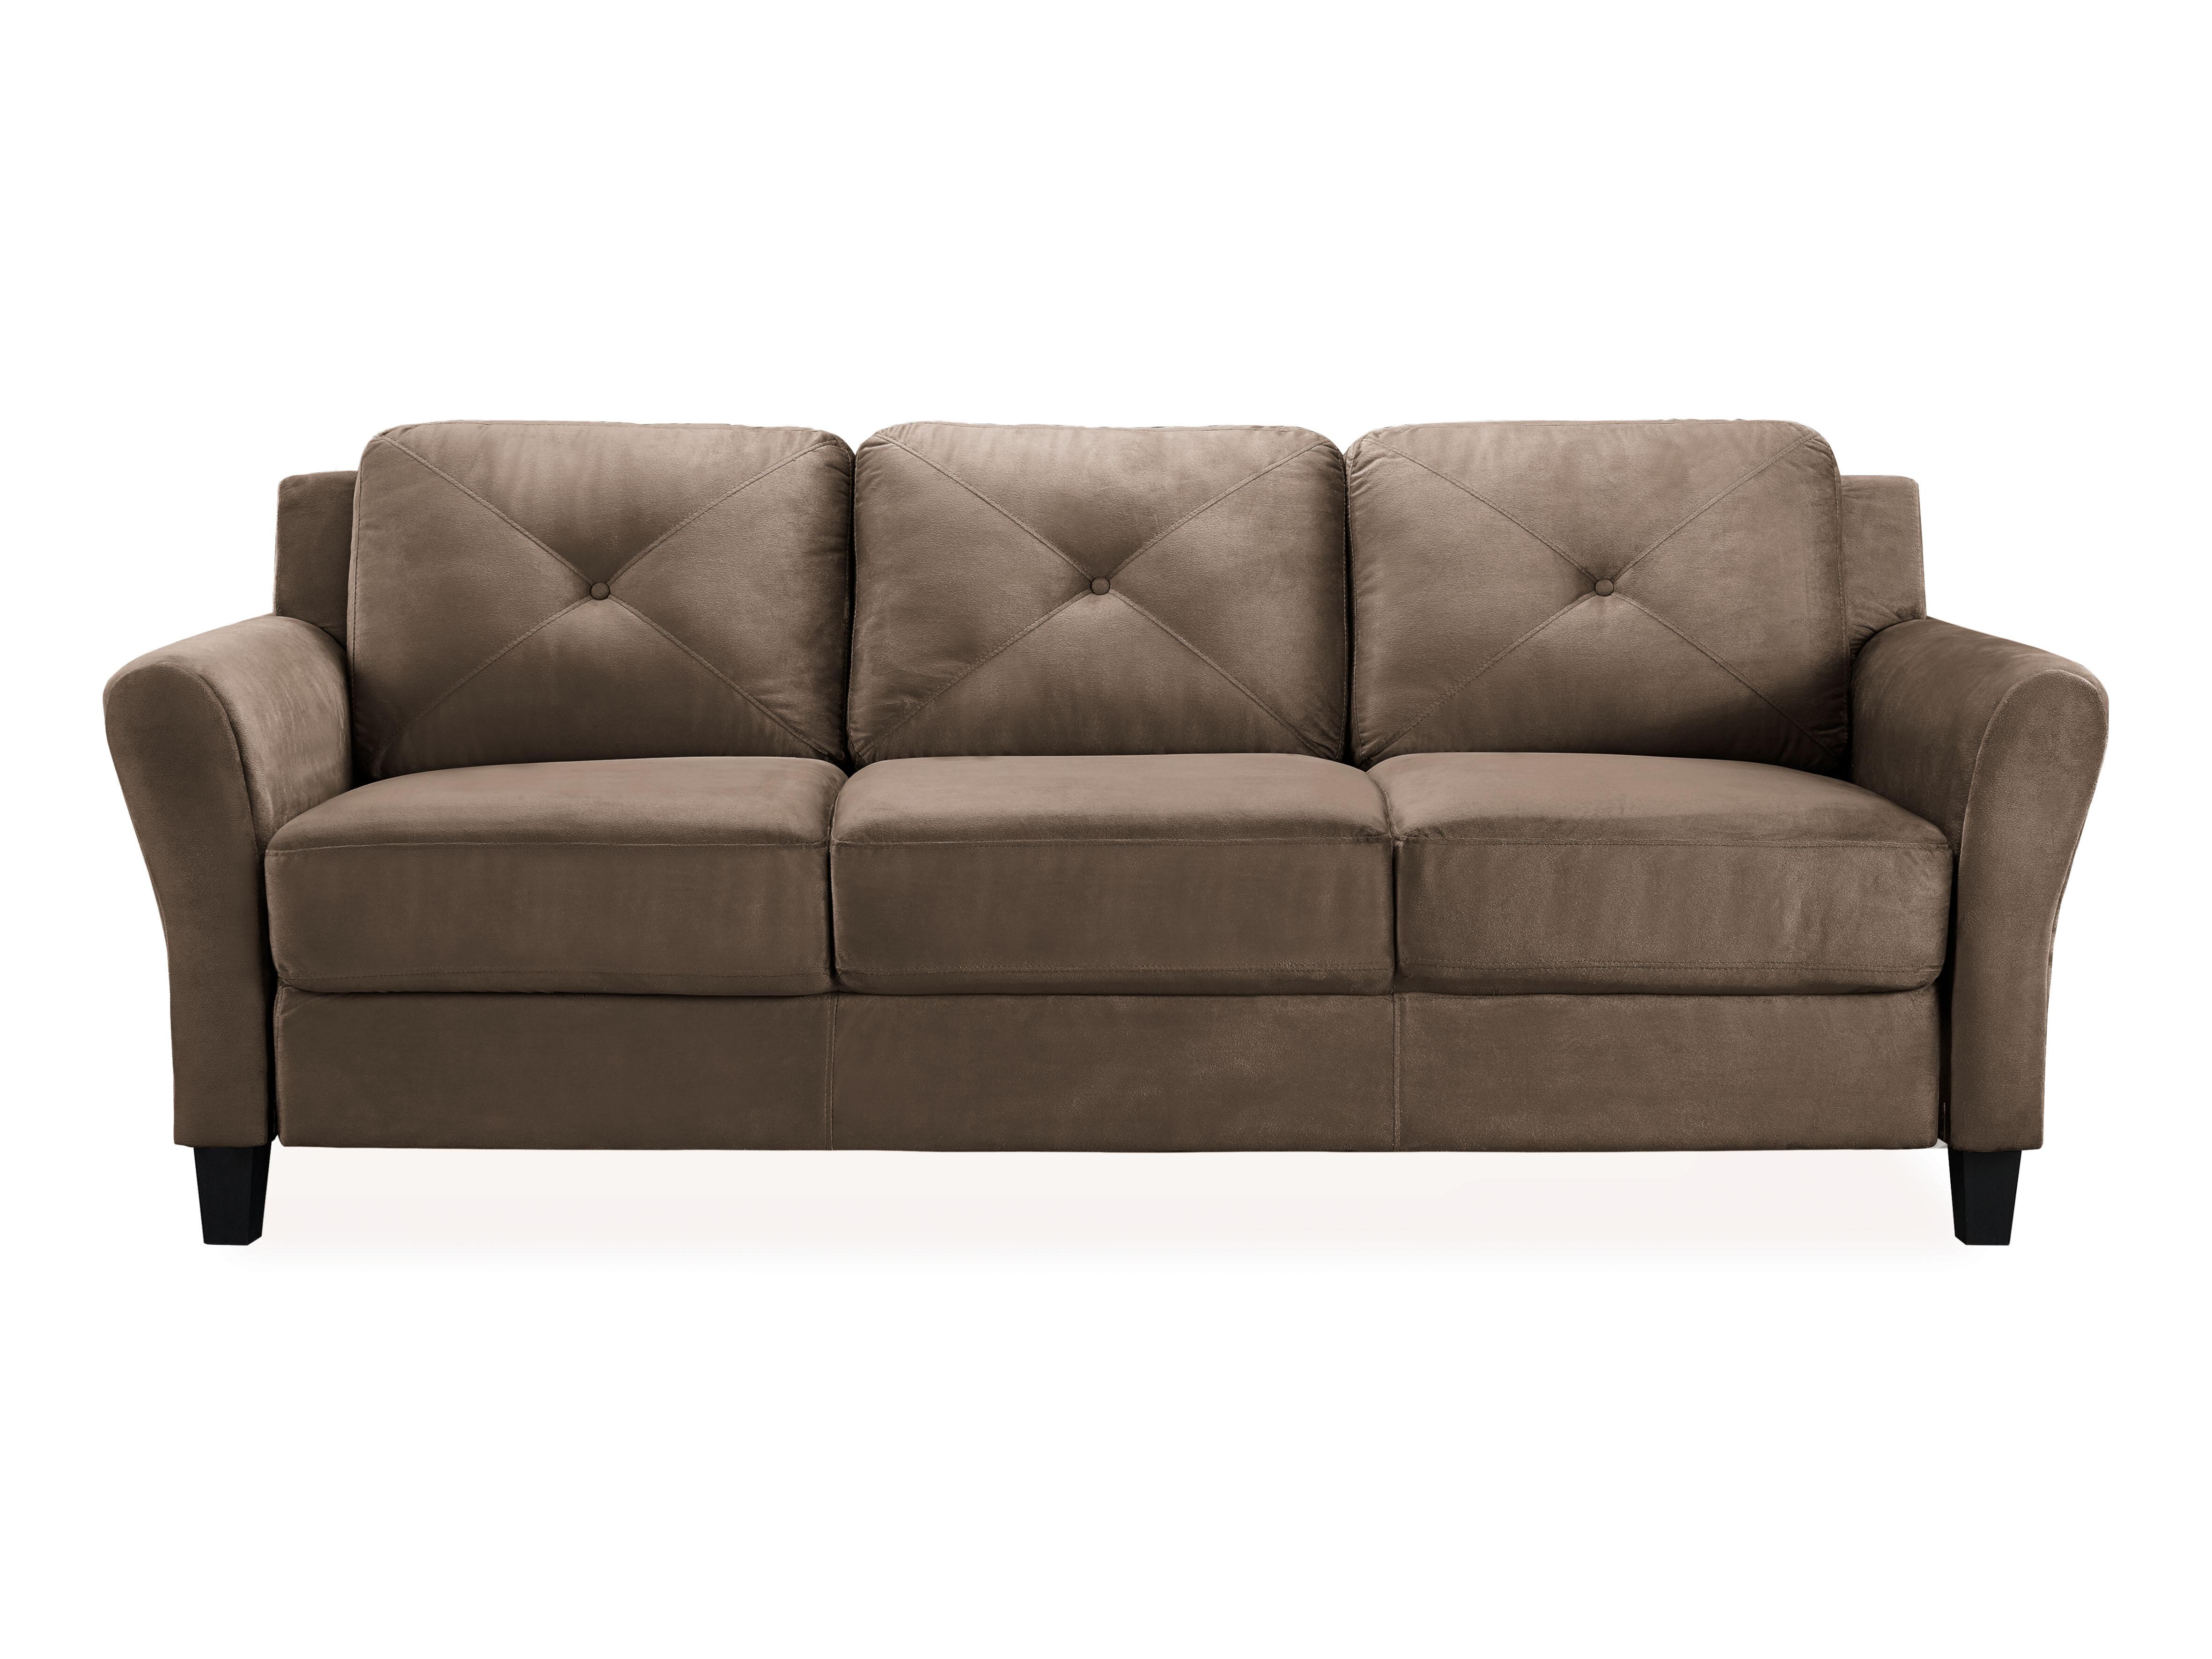 Floor Sofas Linen Fabric Upholstery Adjule Floor Sofa Bed ...